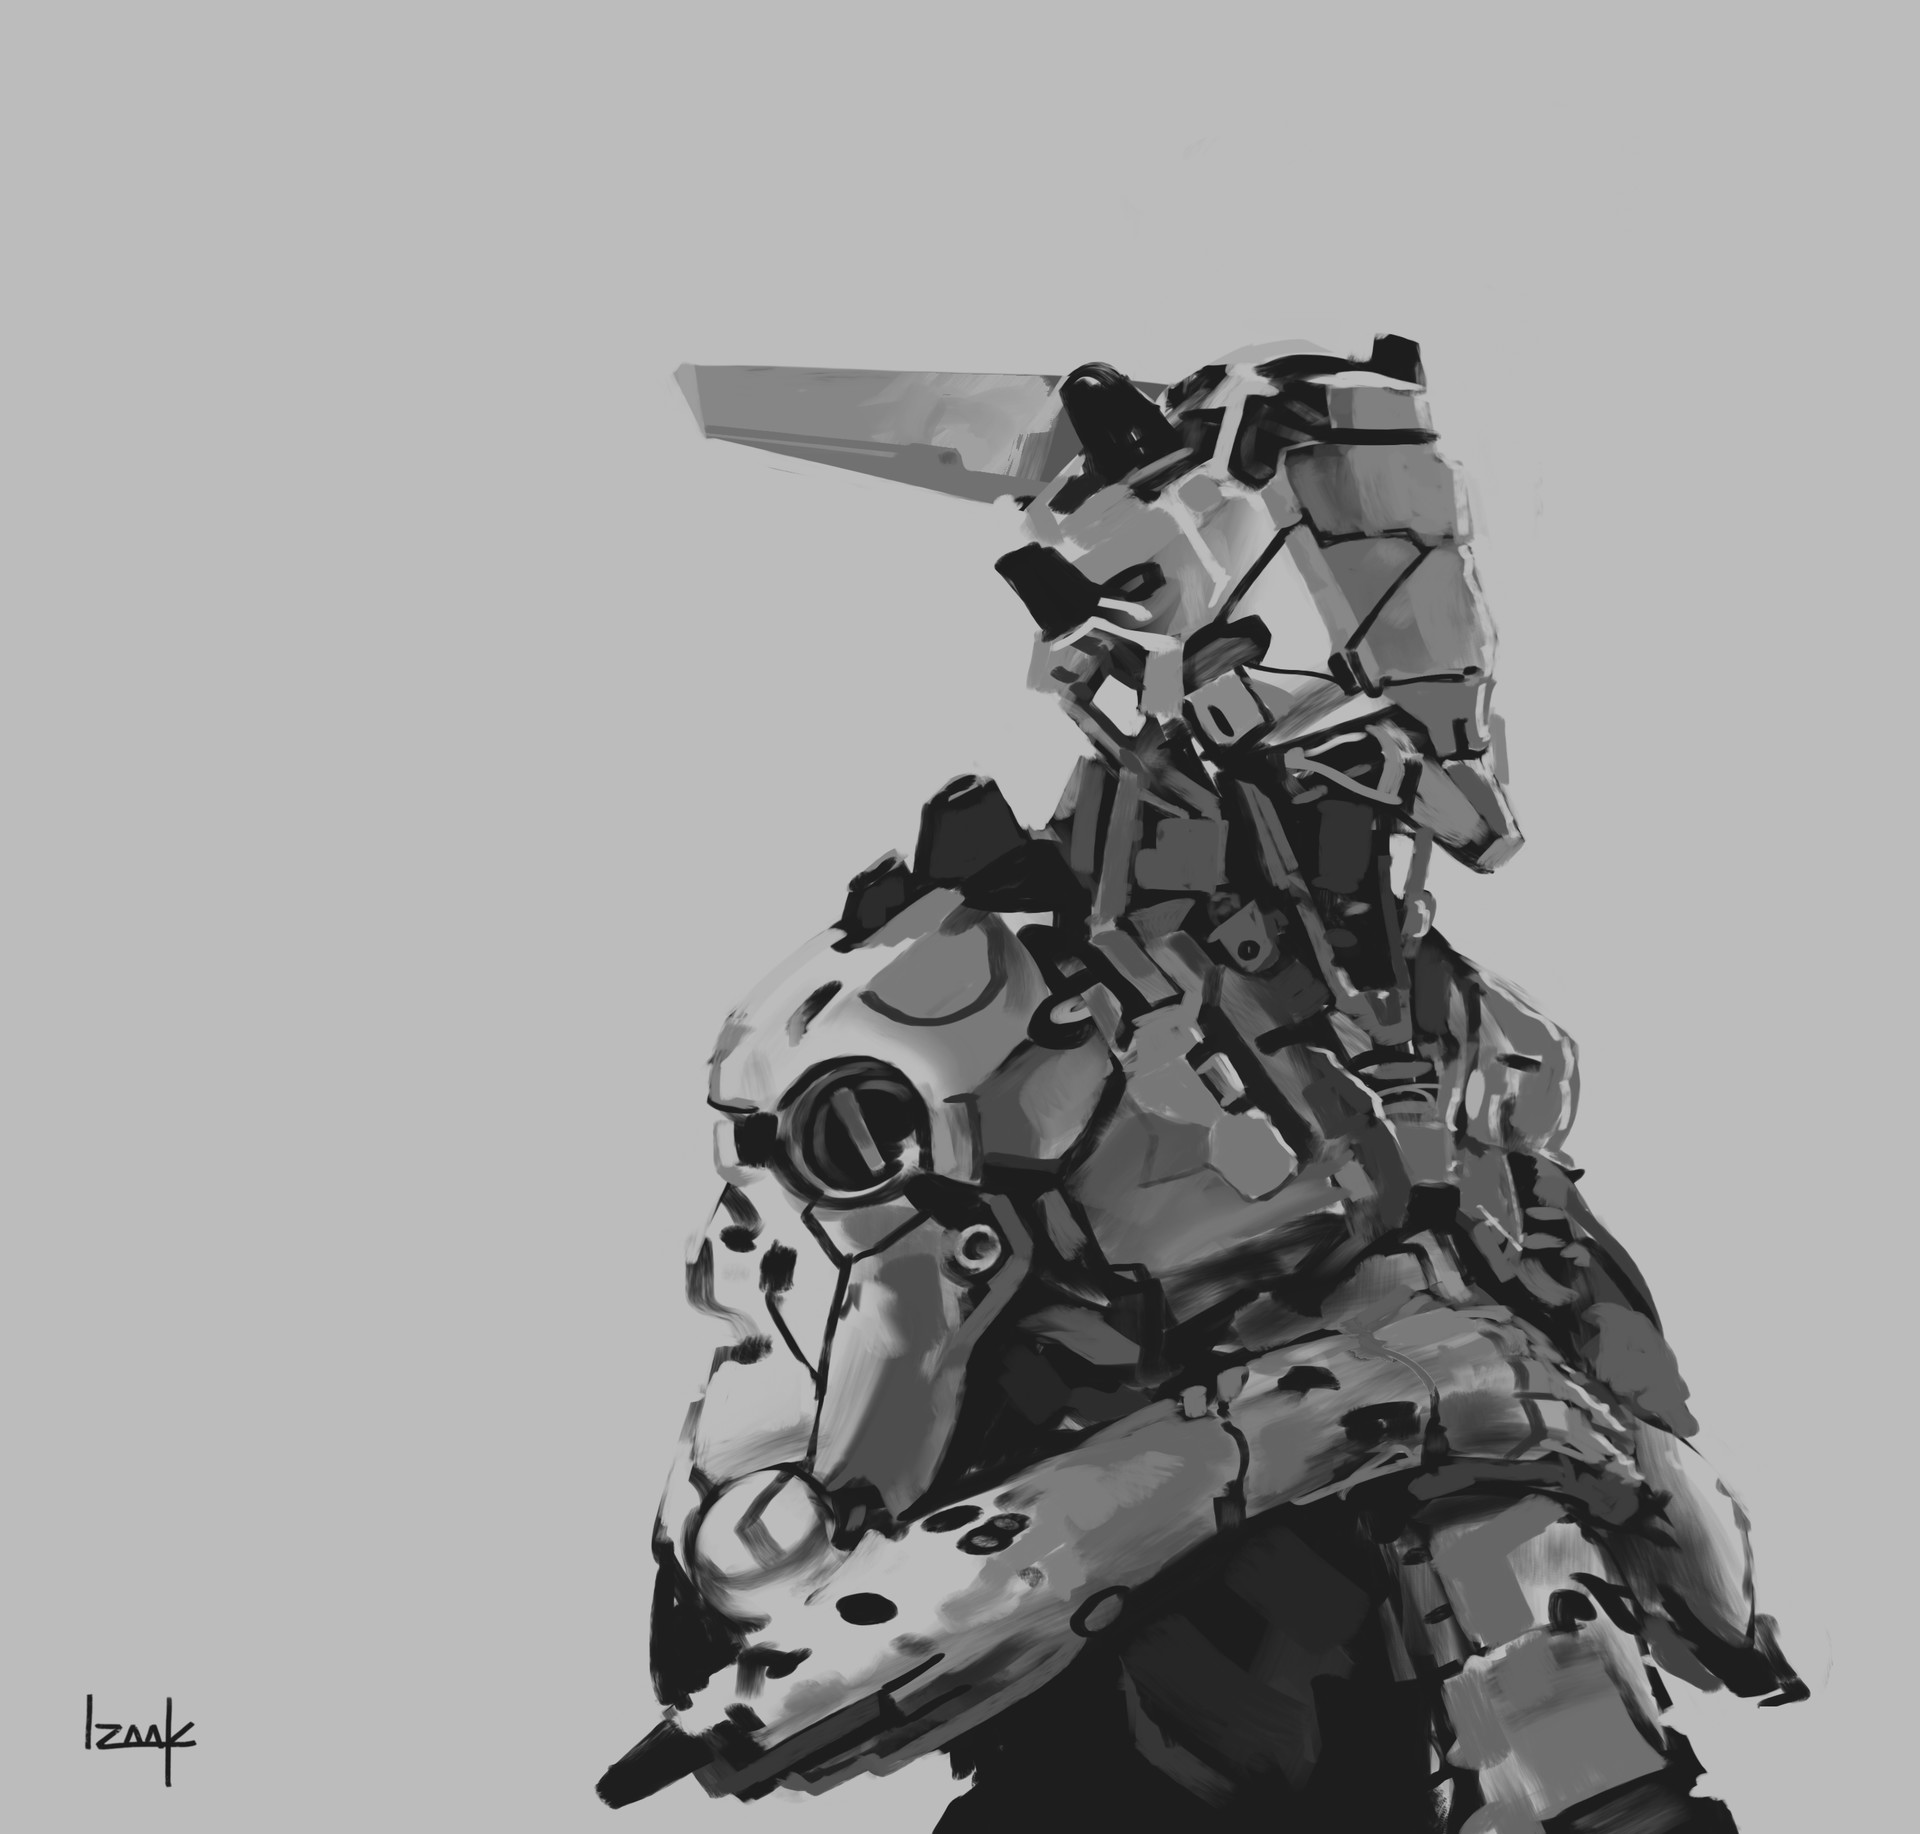 Izaak moody soldier